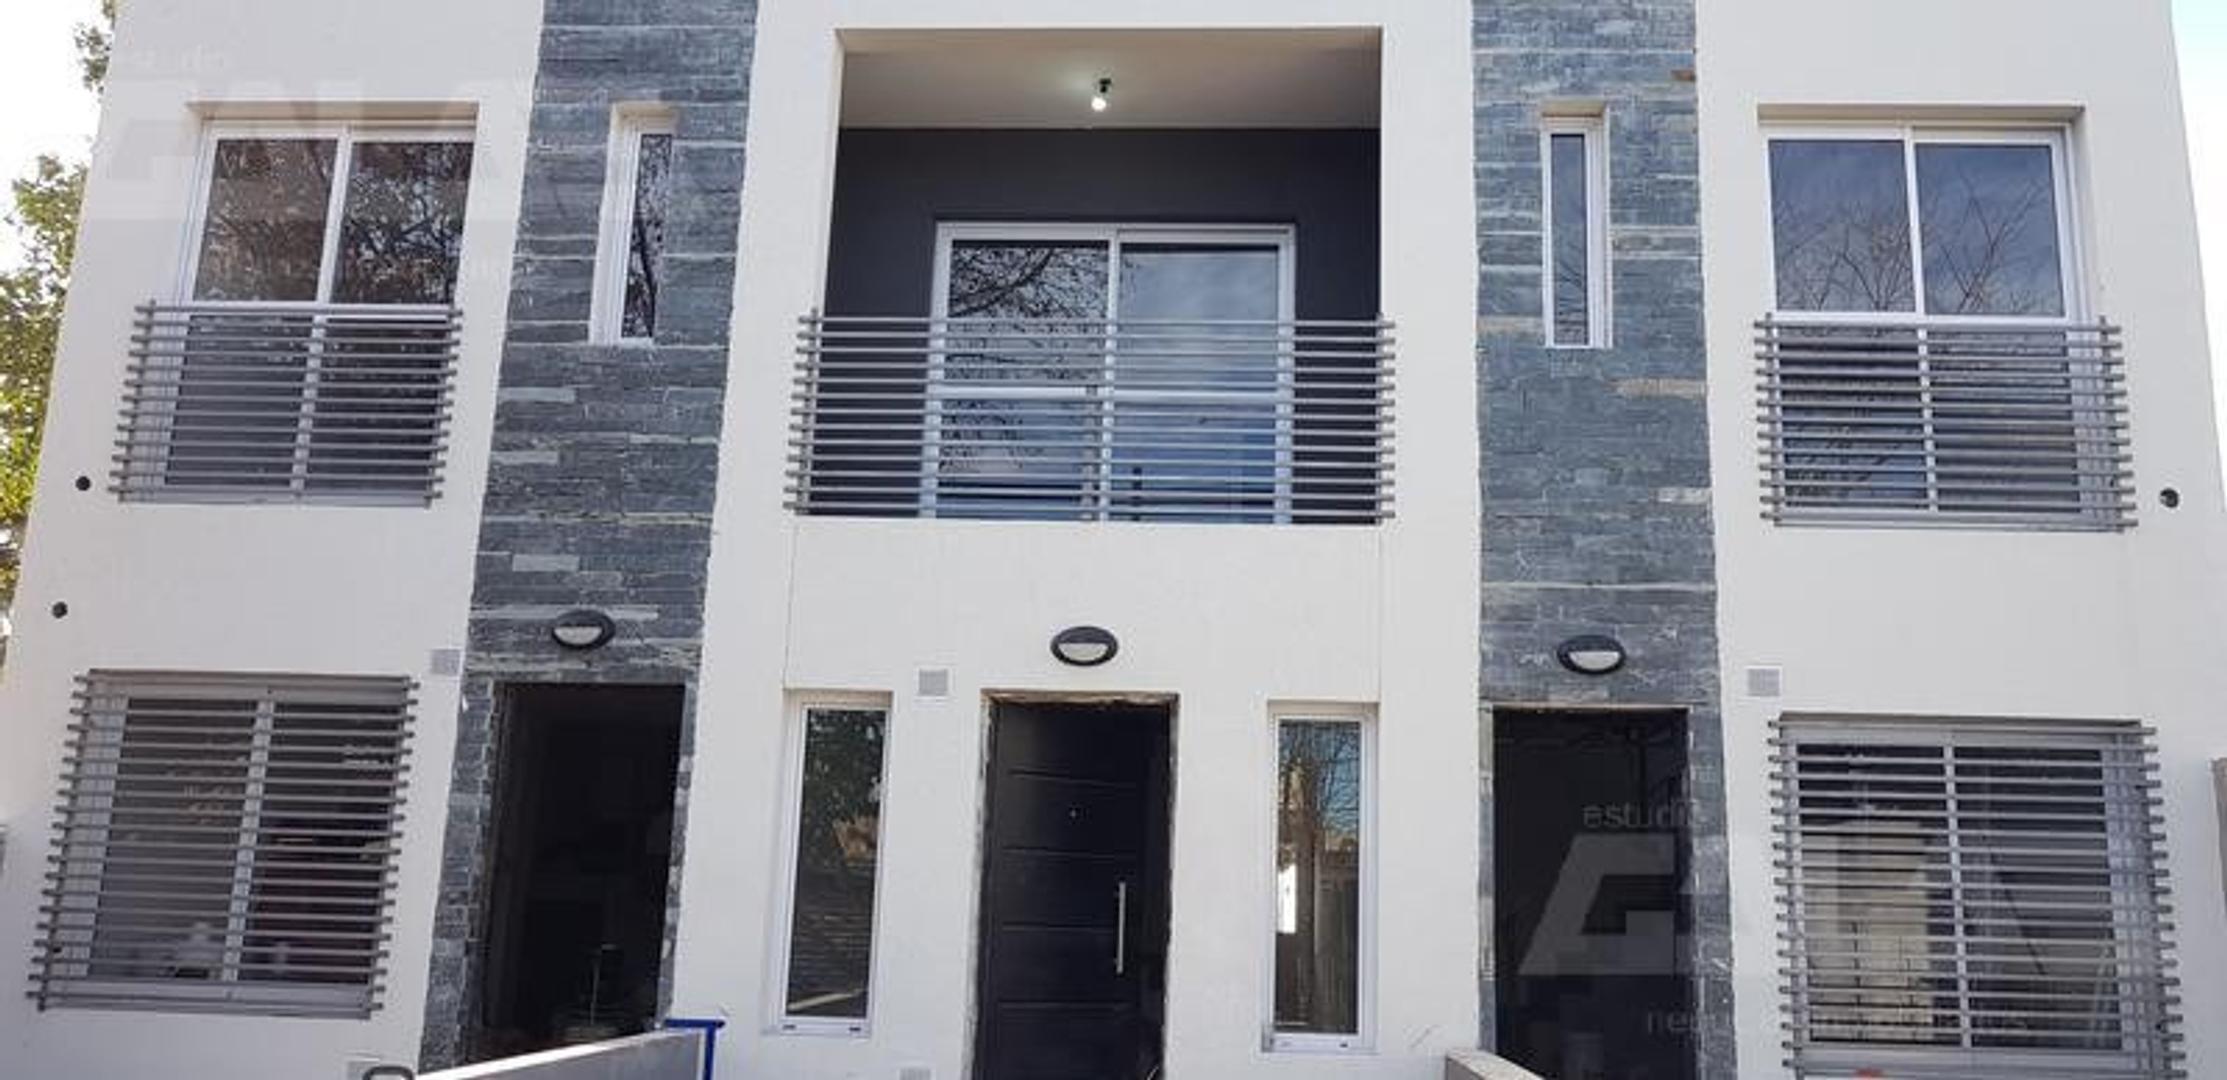 Duplex en alquiler NUEVO A ESTRENAR cochera para 2 autos